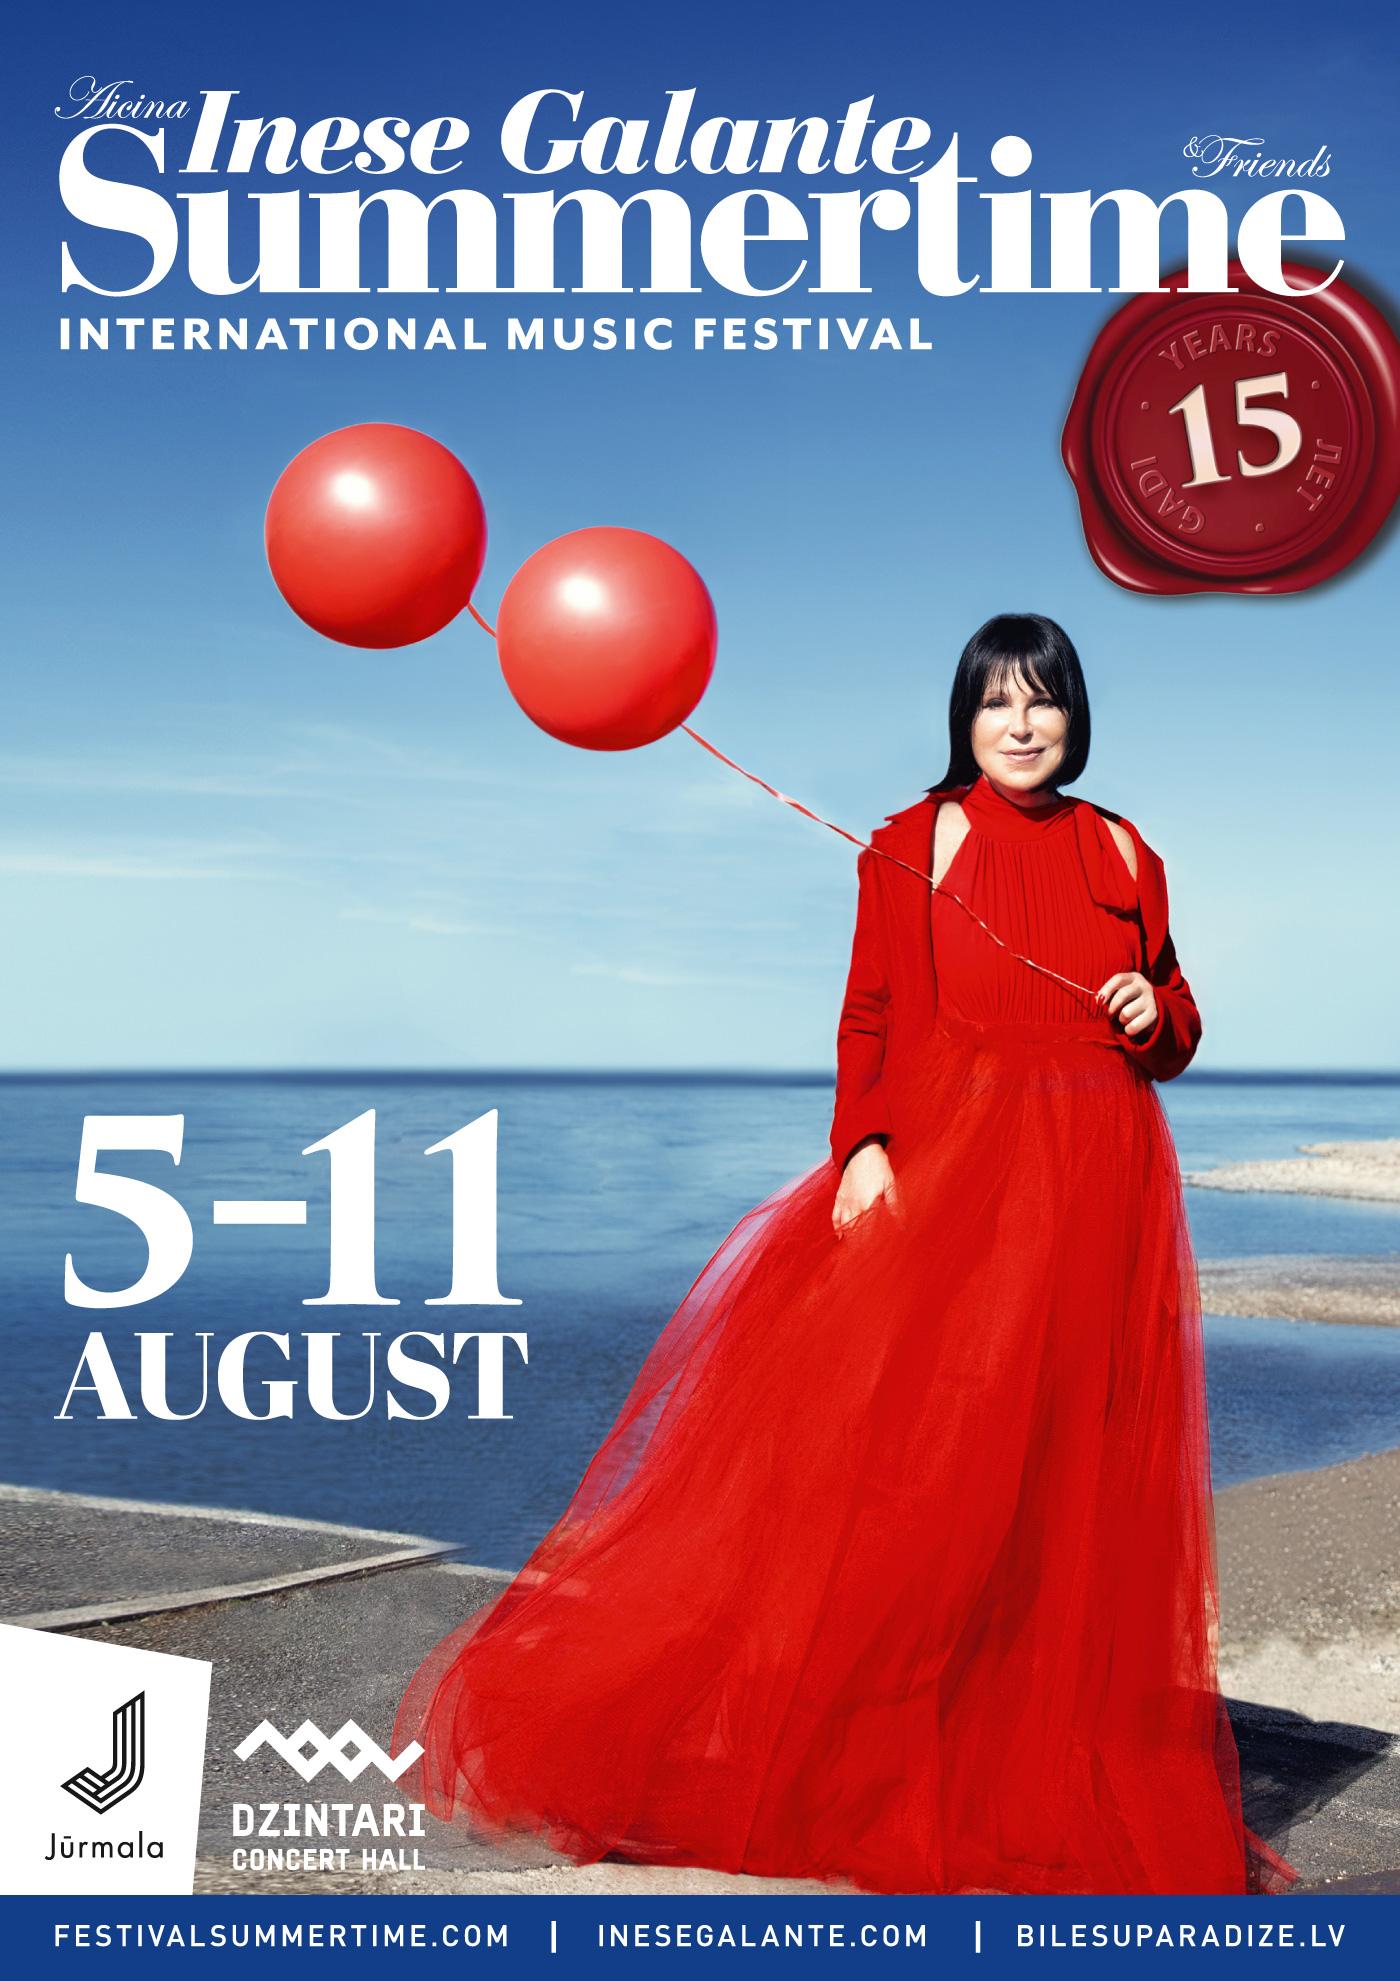 cfd7401a5f Summertime 2019 Inese Galante | Jūrmalā mūzikas festivāls Summertime ...